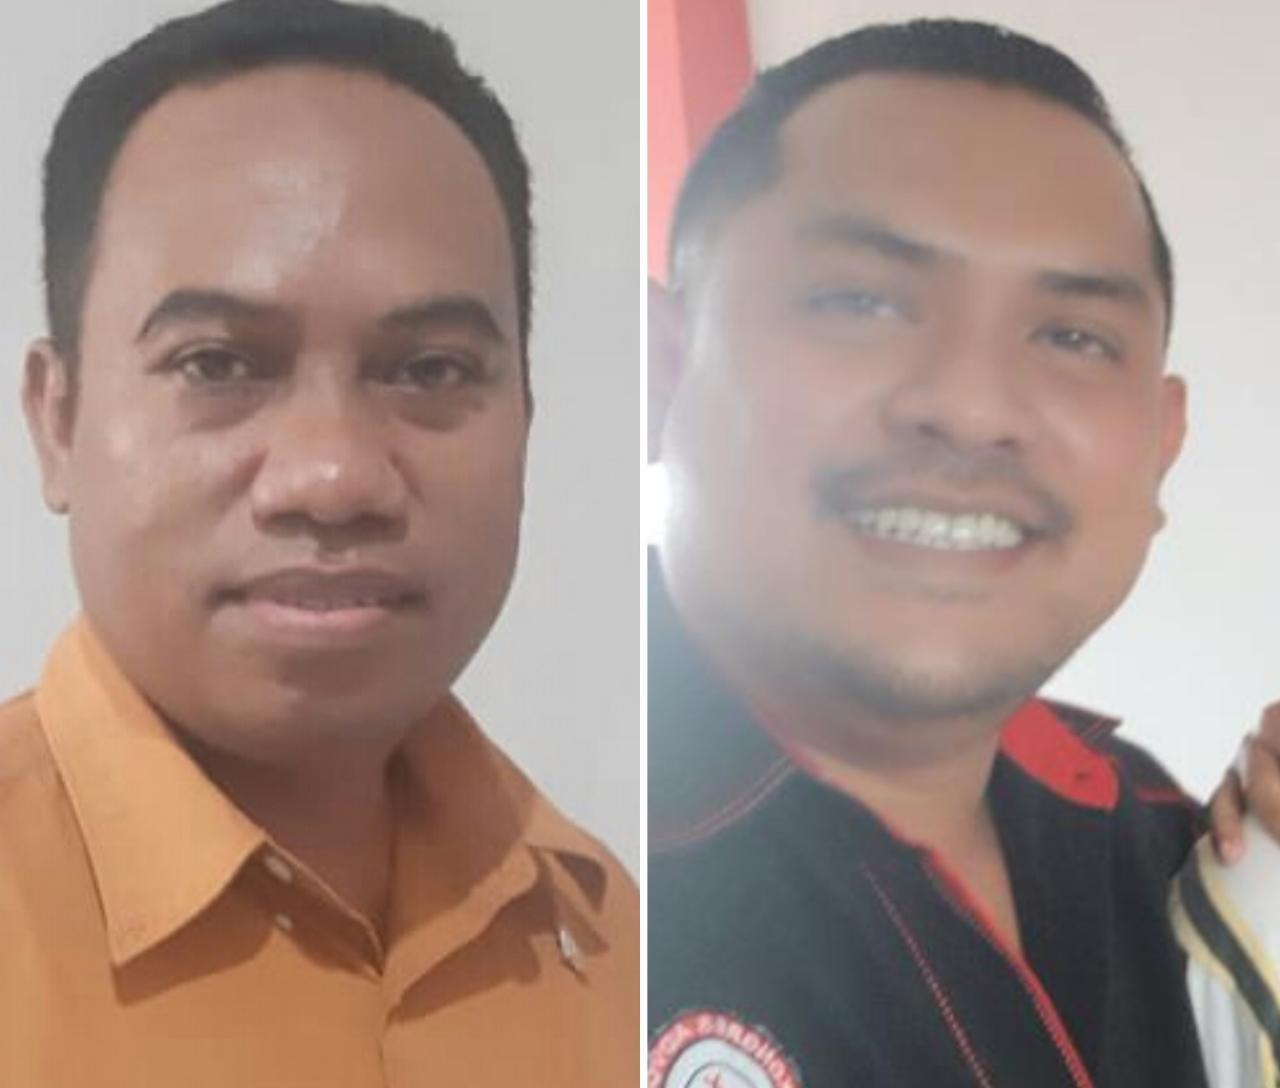 Karyawan Bank NTT Johan Nggebu Cabut Gugatan, Prapid Gugur